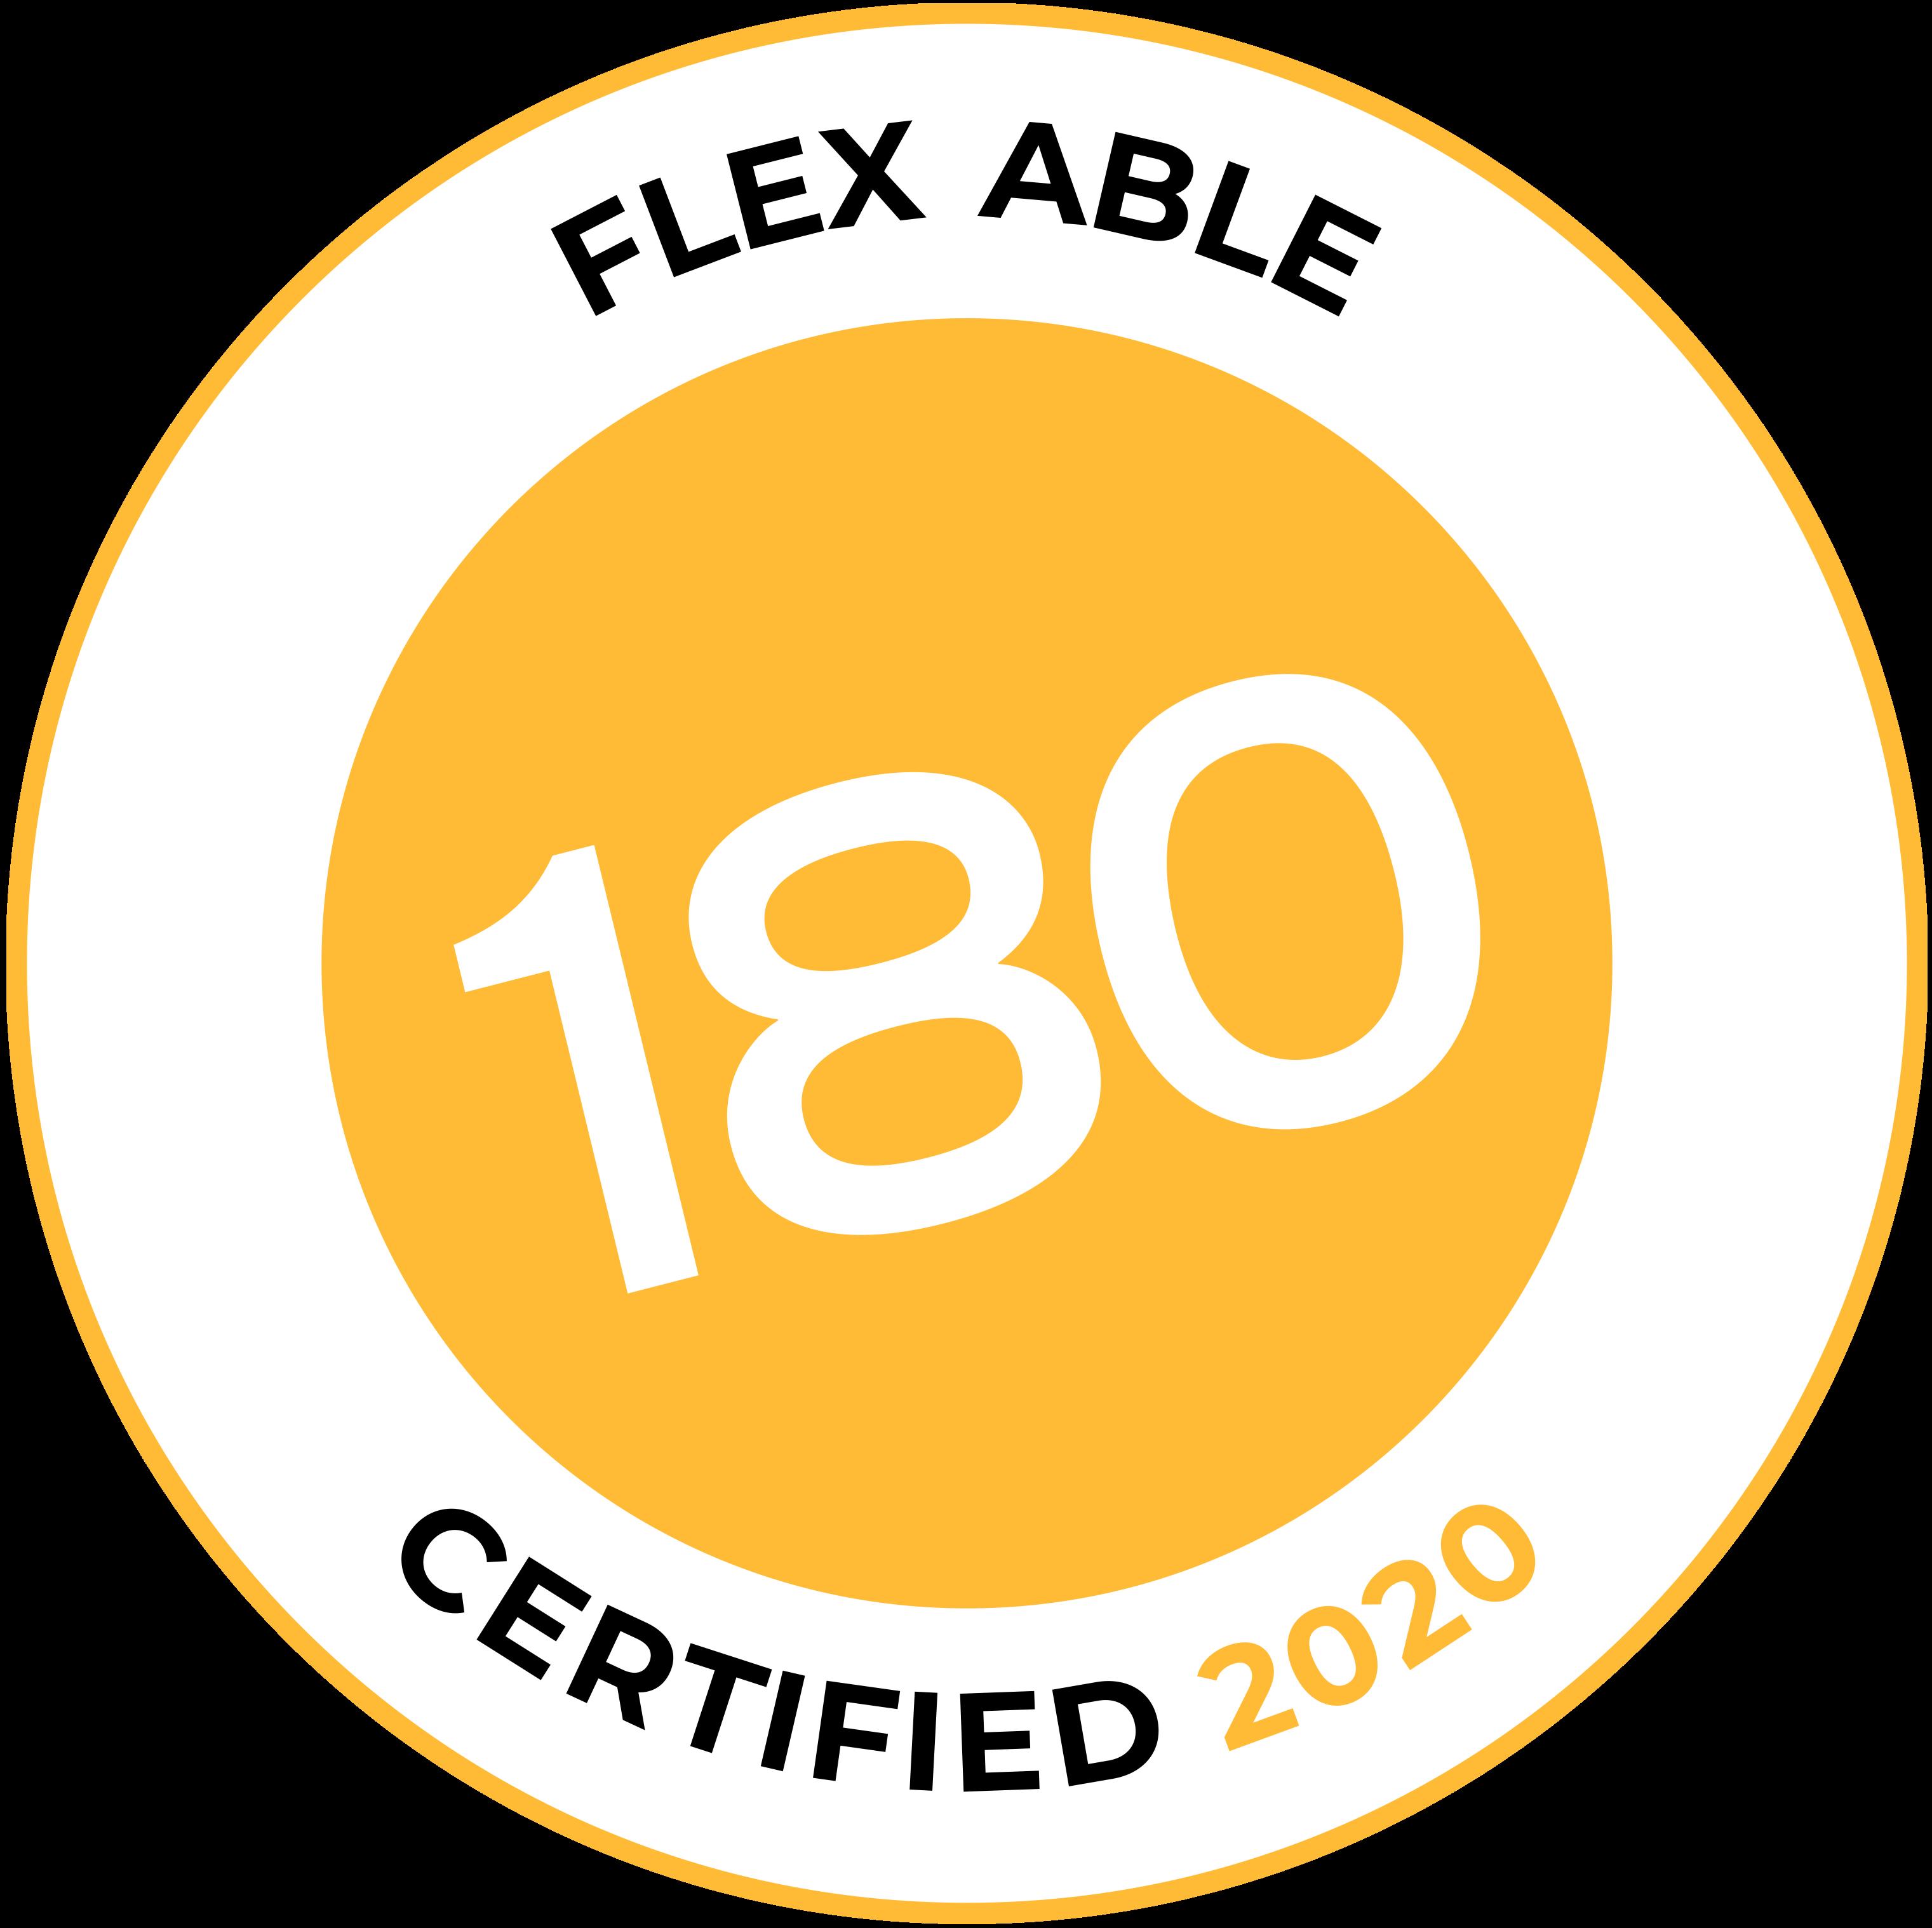 Flex Able Certification